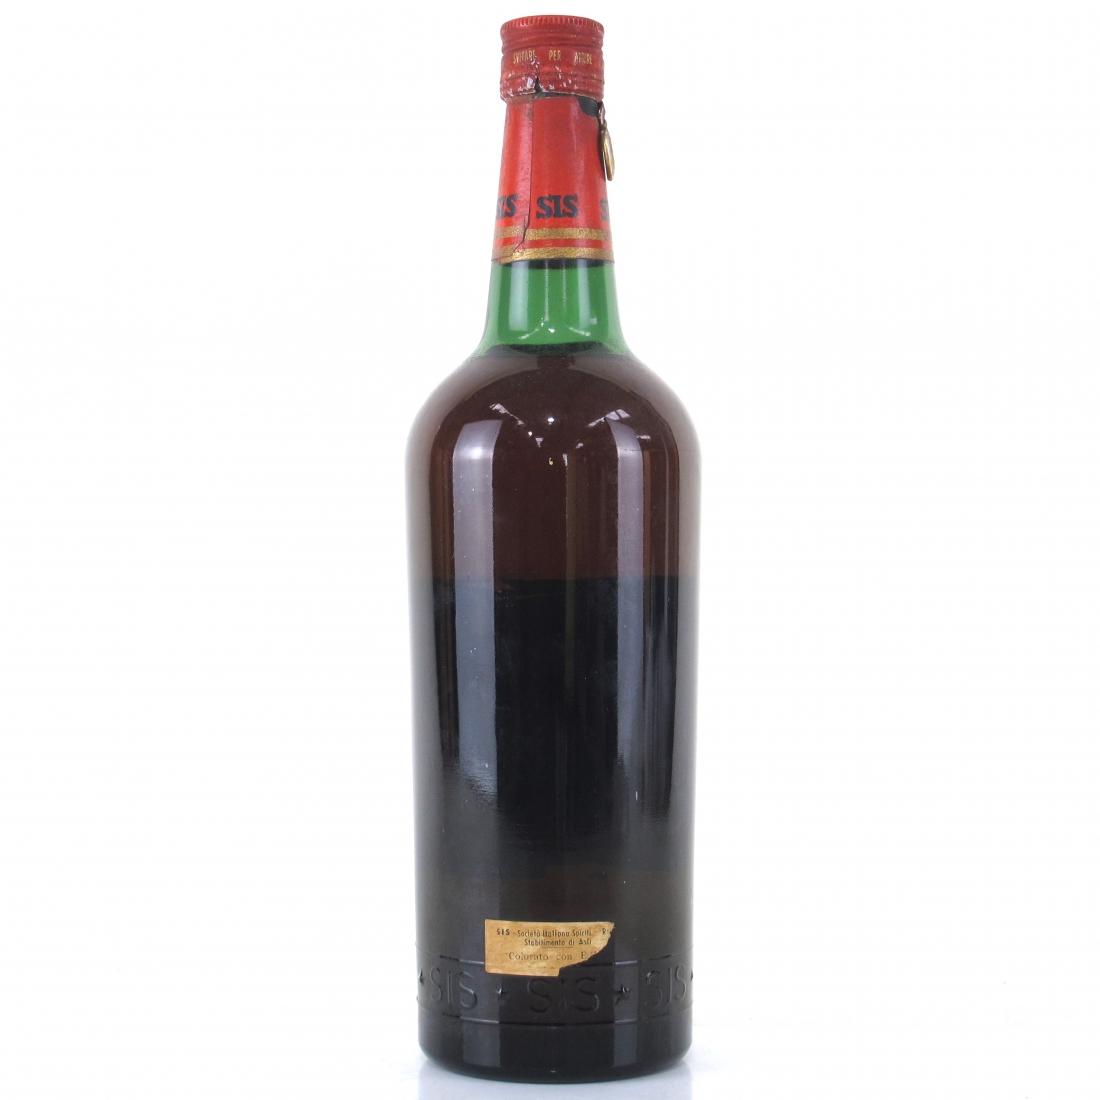 Sis Apricot Brandy 1 Litre 1950s